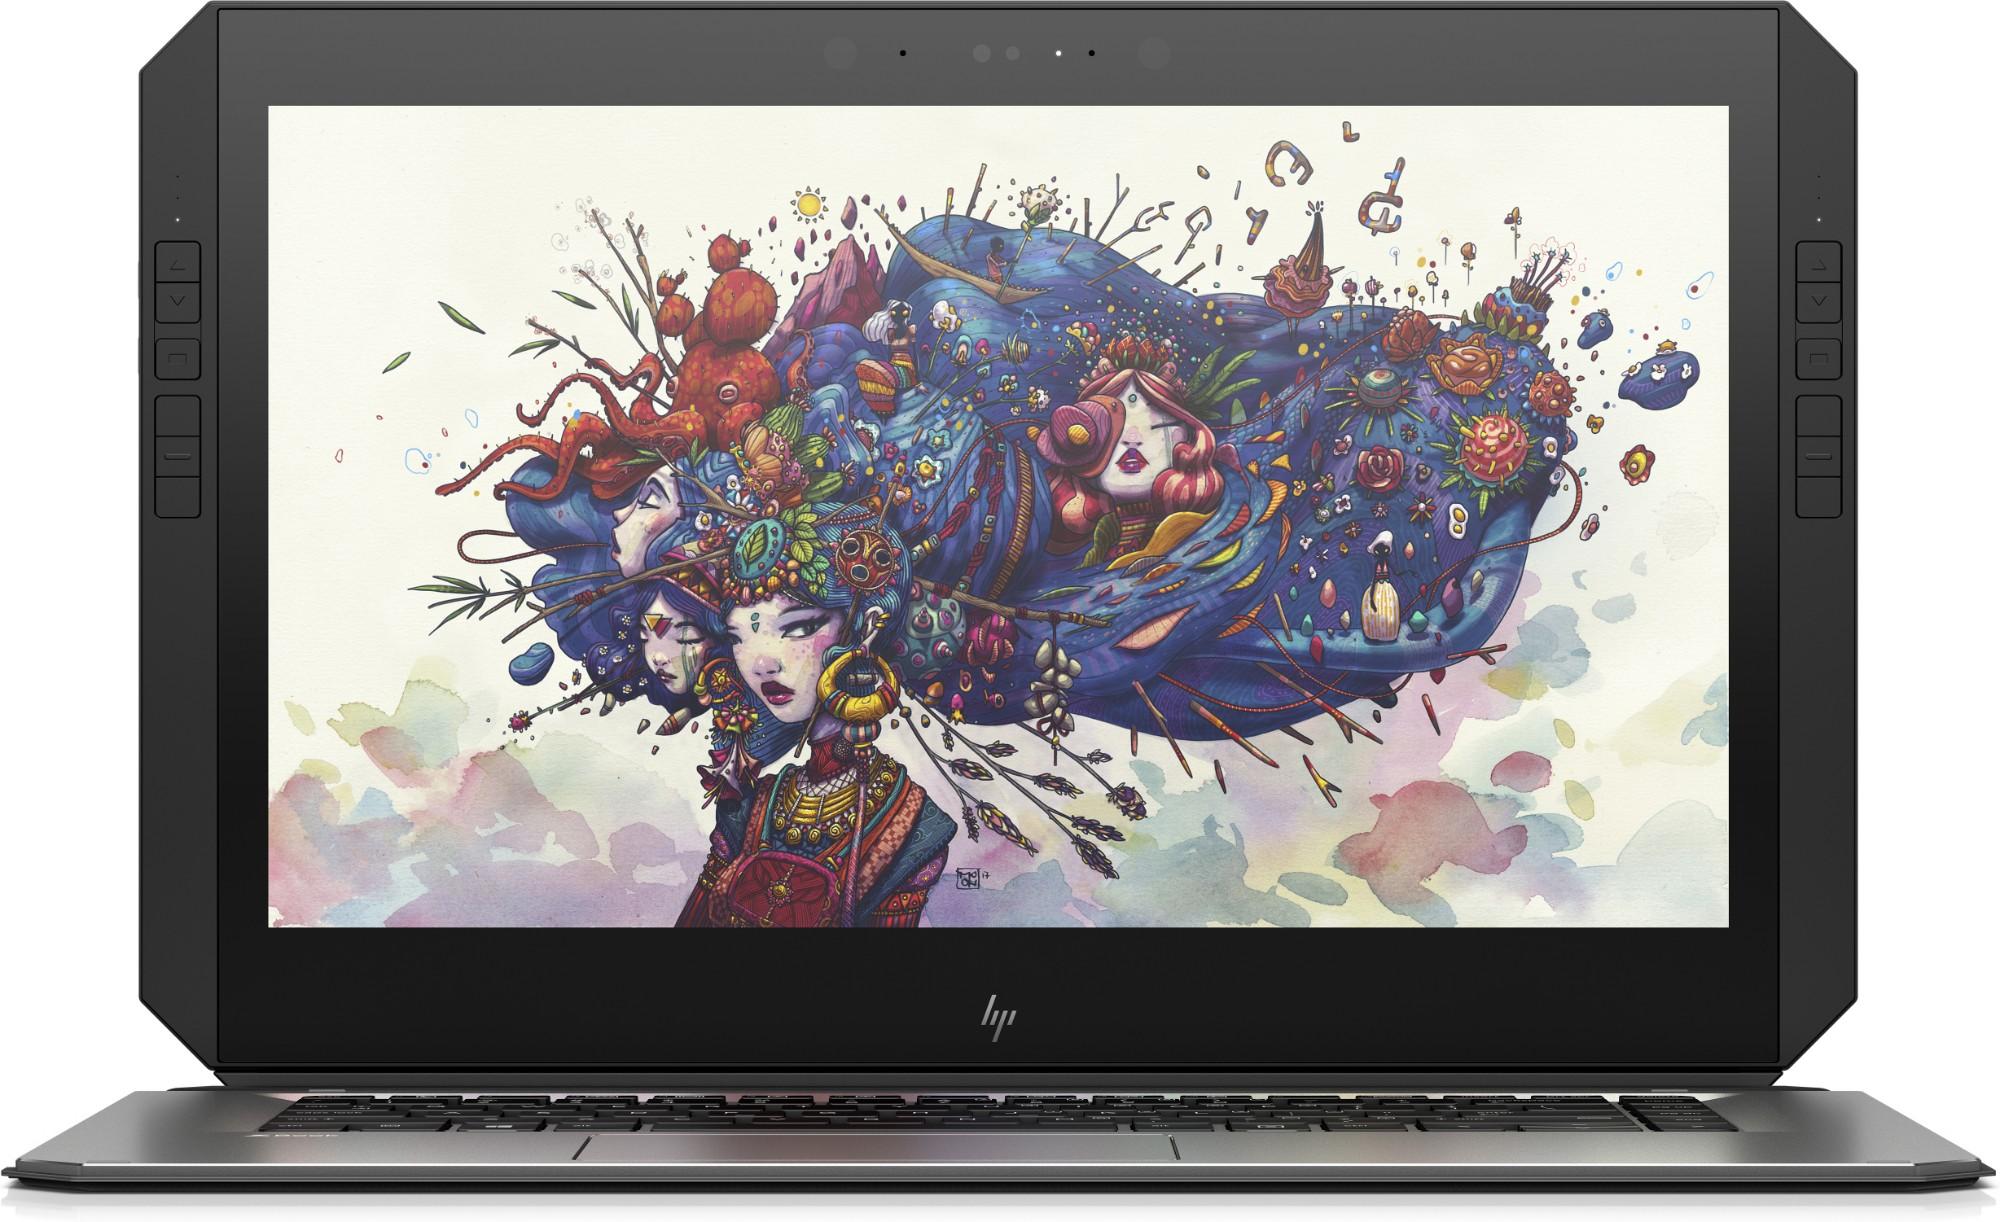 """HP ZBook x2 G4 Zilver Mobiel werkstation 35,6 cm (14"""") 3840 x 2160 Pixels Touchscreen Intel® 8ste generatie Core™ i7 8 GB DDR4-SDRAM 256 GB SSD Windows 10 Pro"""